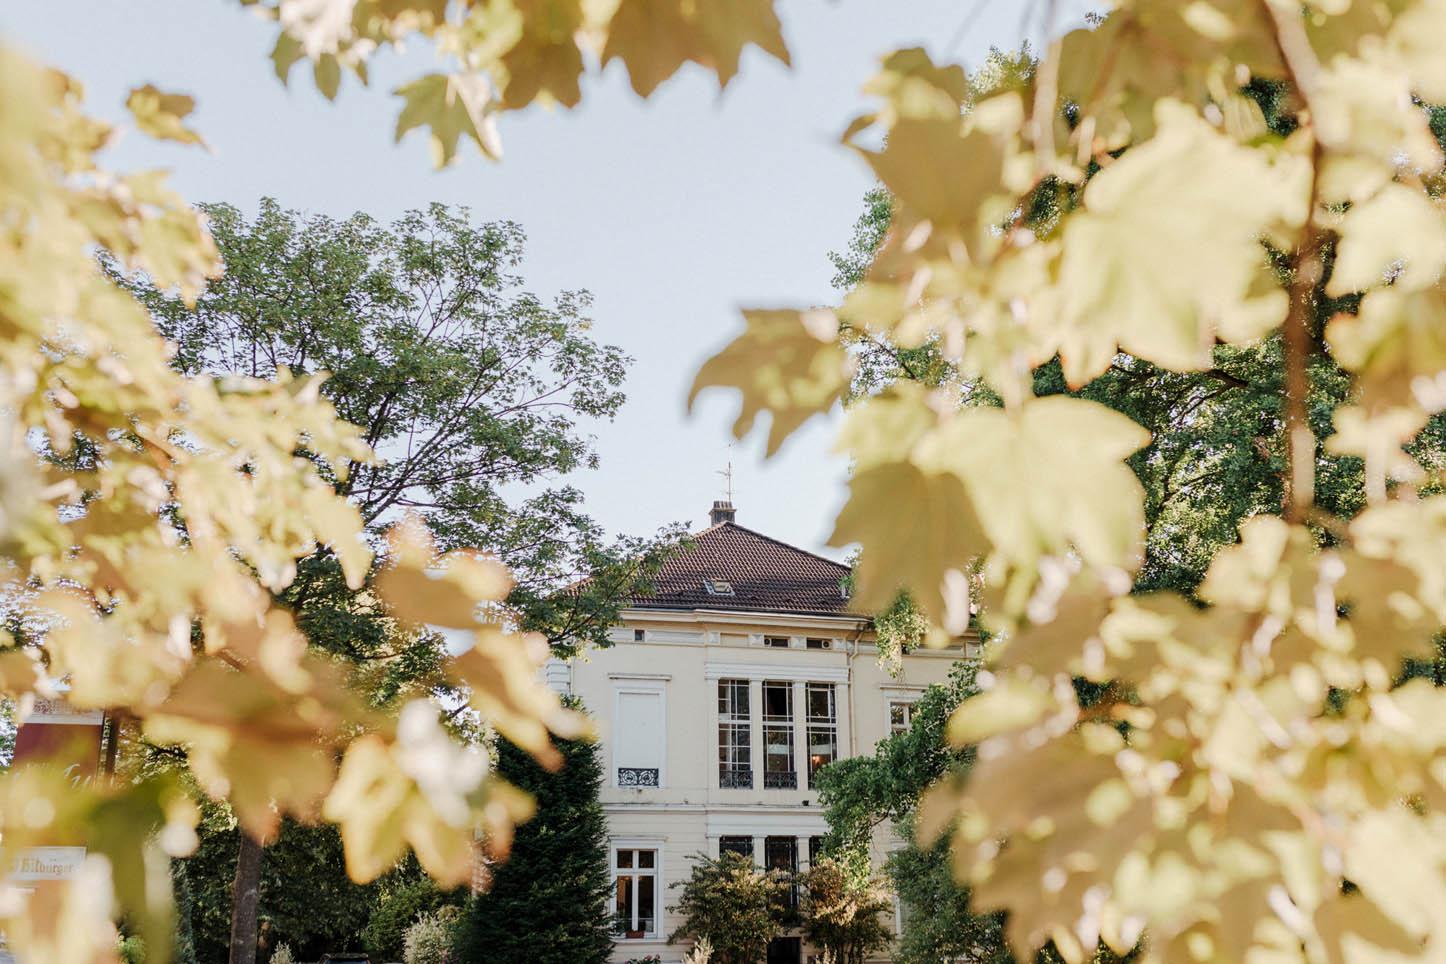 Villa Au im Herbst